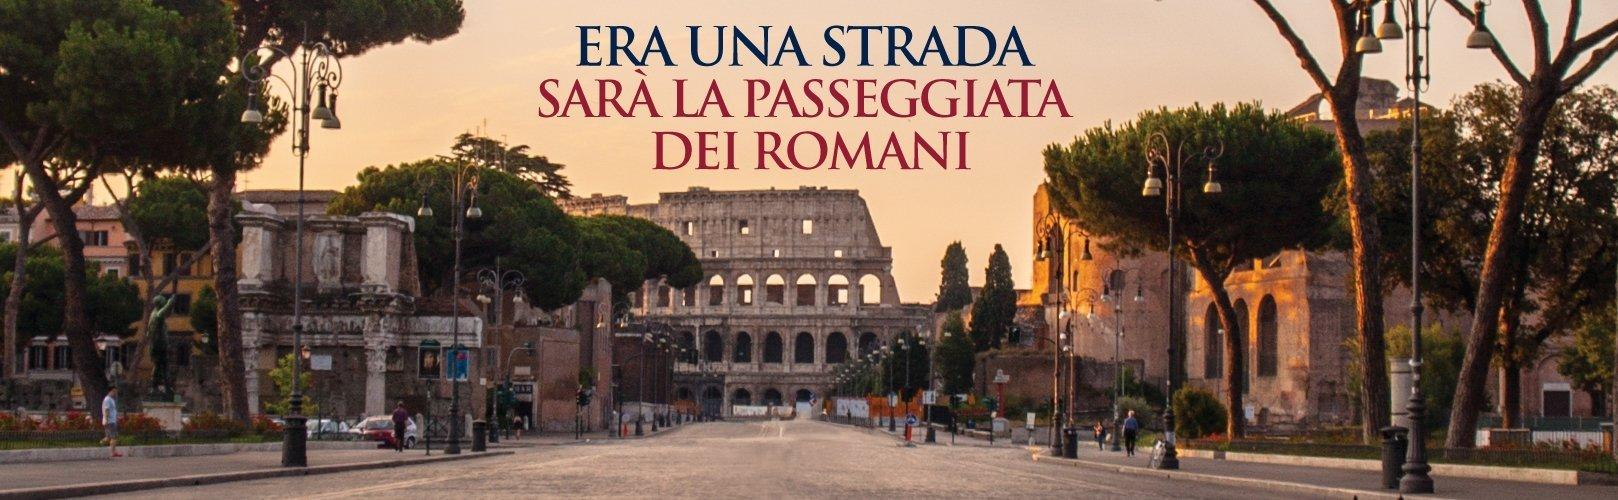 La passeggiata dei Romani e la notte bianca dei Fori Imperiali